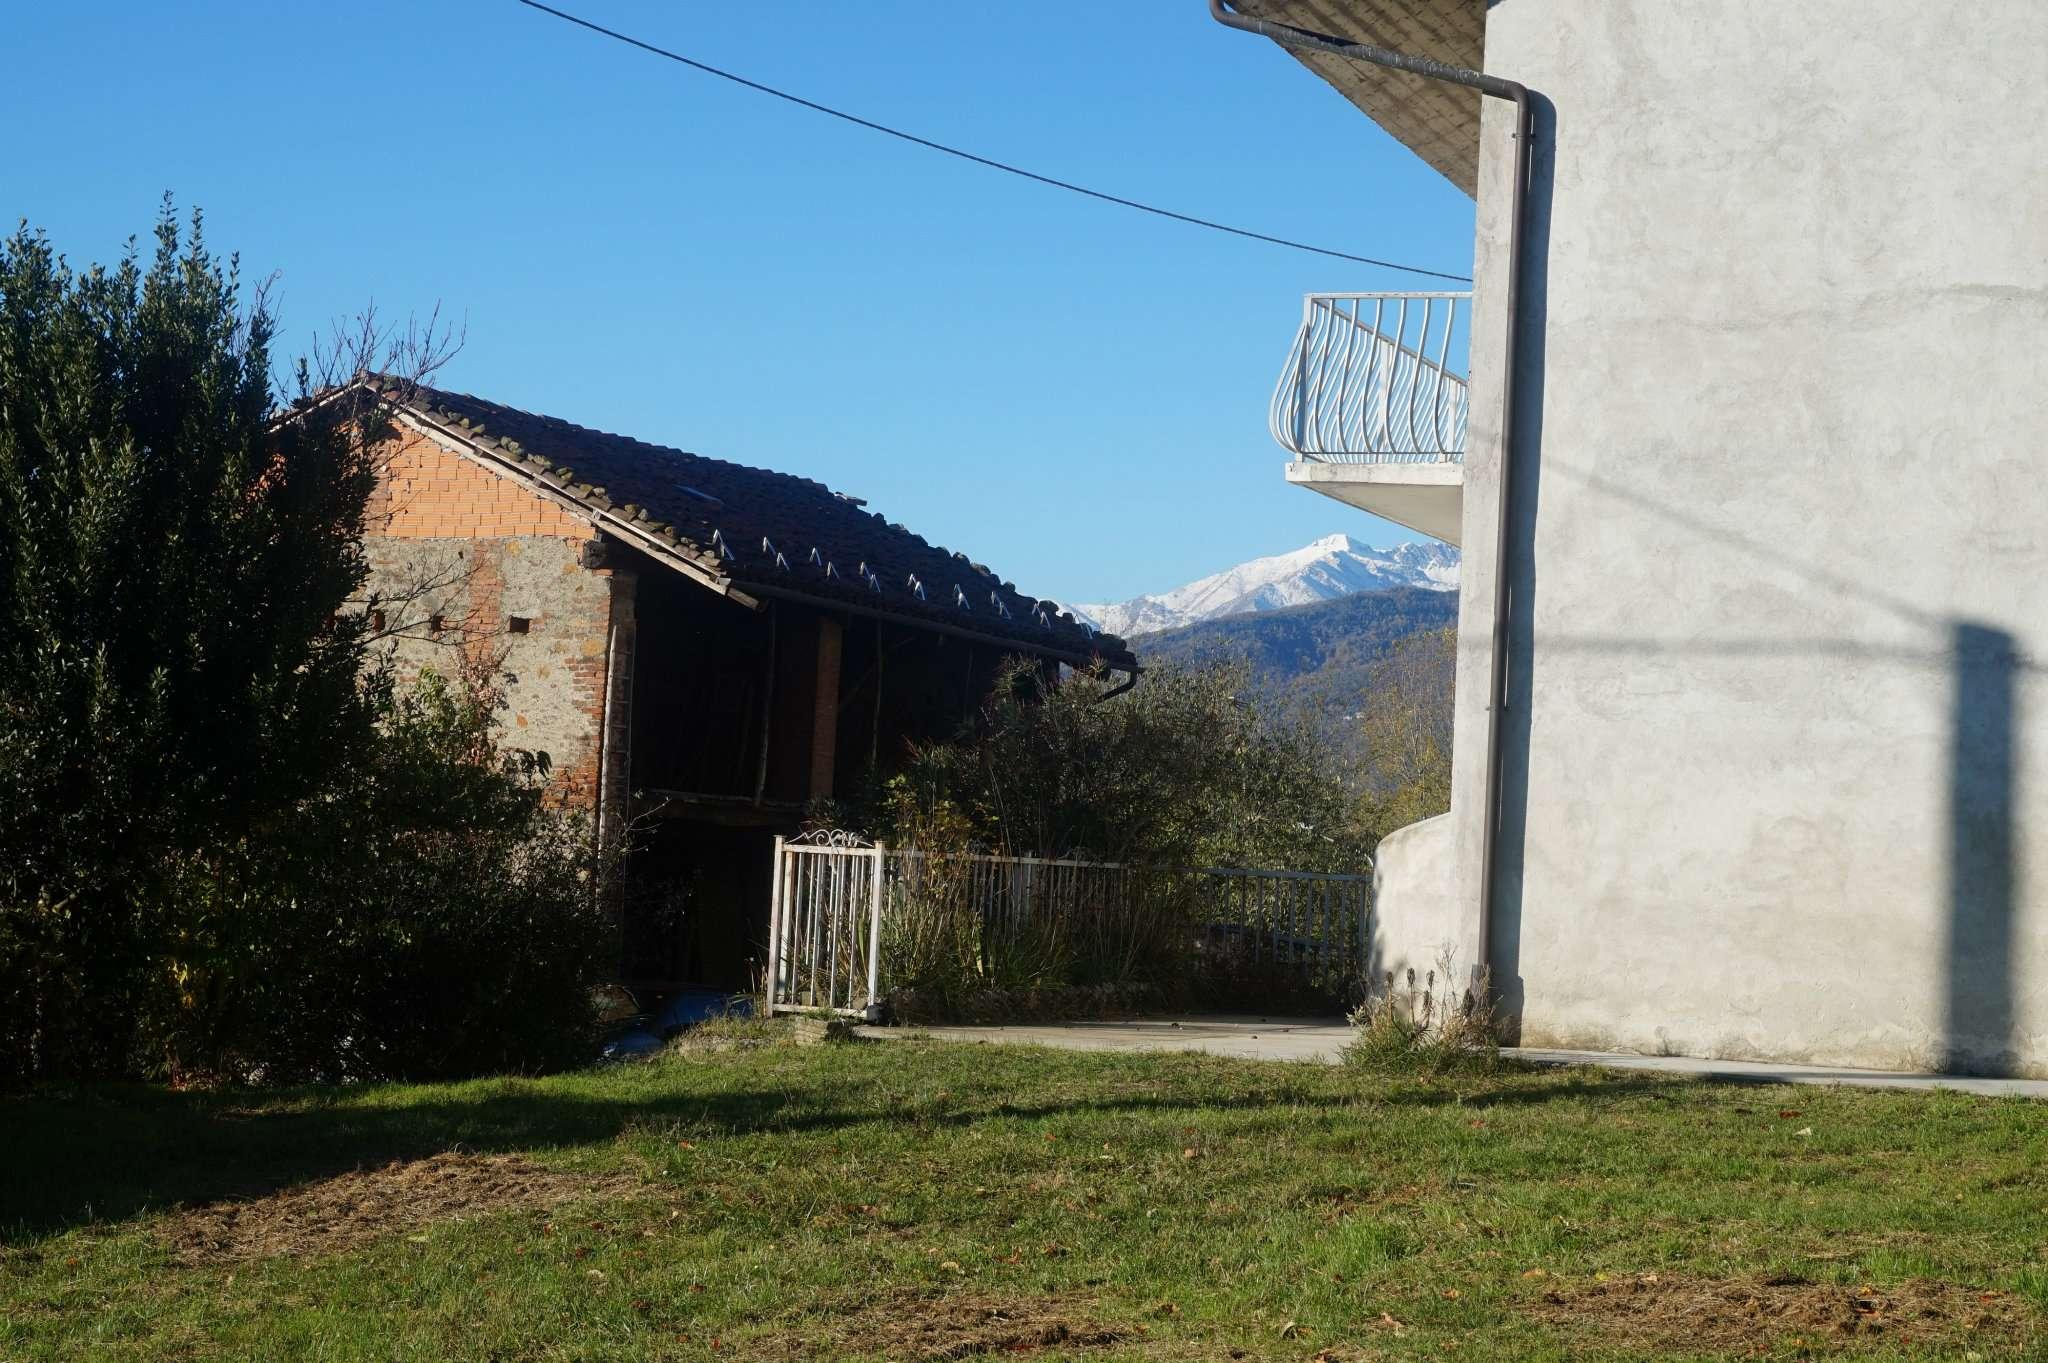 Rustico / Casale in vendita a Almese, 4 locali, prezzo € 175.000   Cambio Casa.it